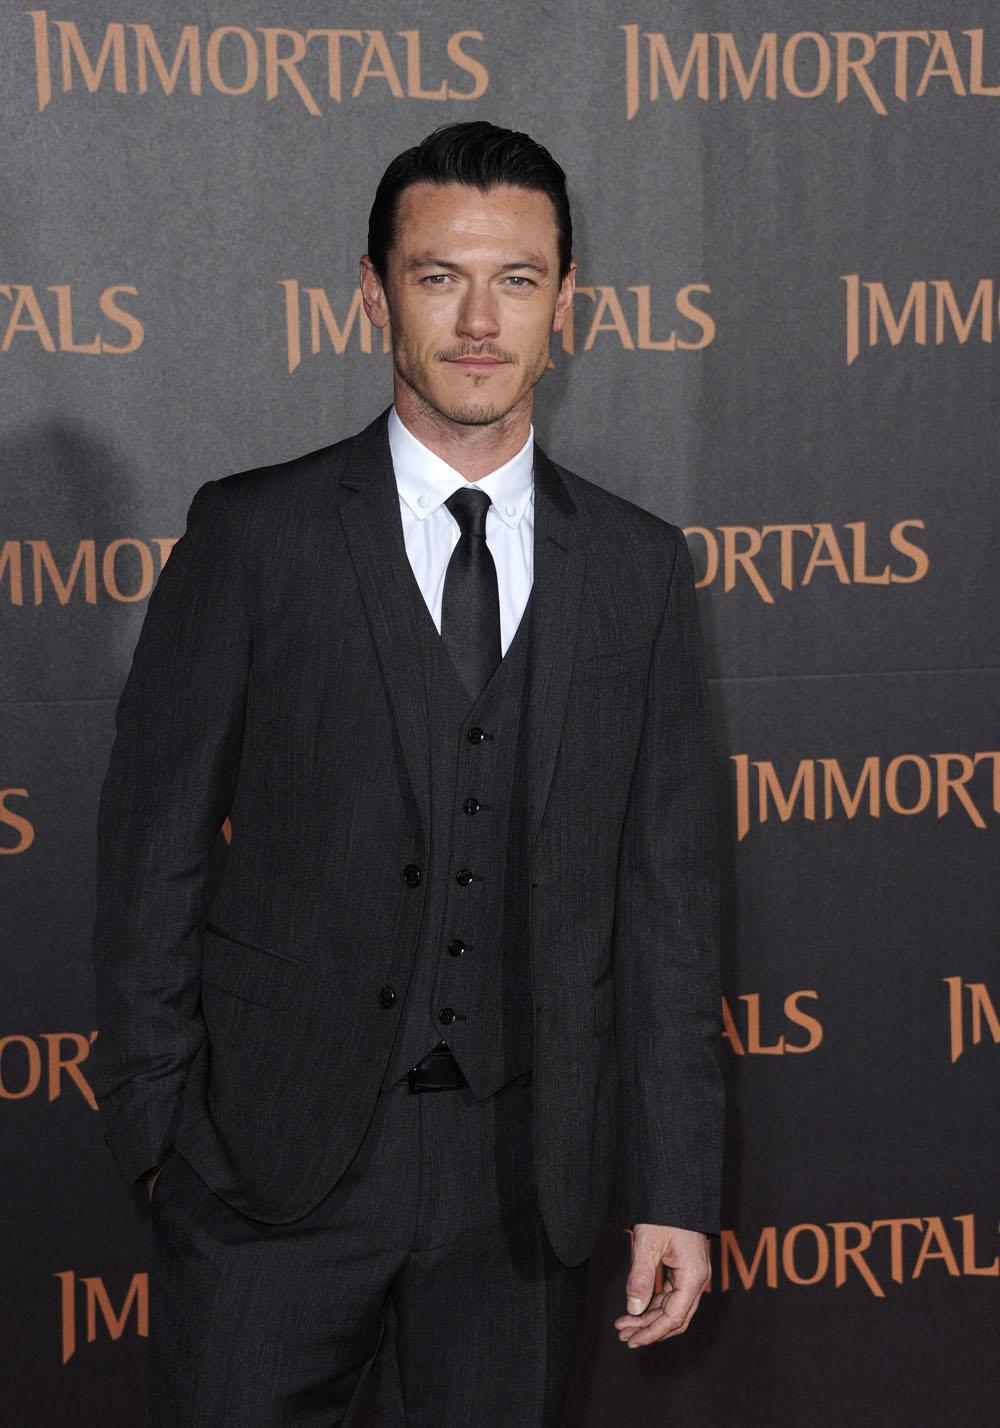 Immortals 3D (2011)